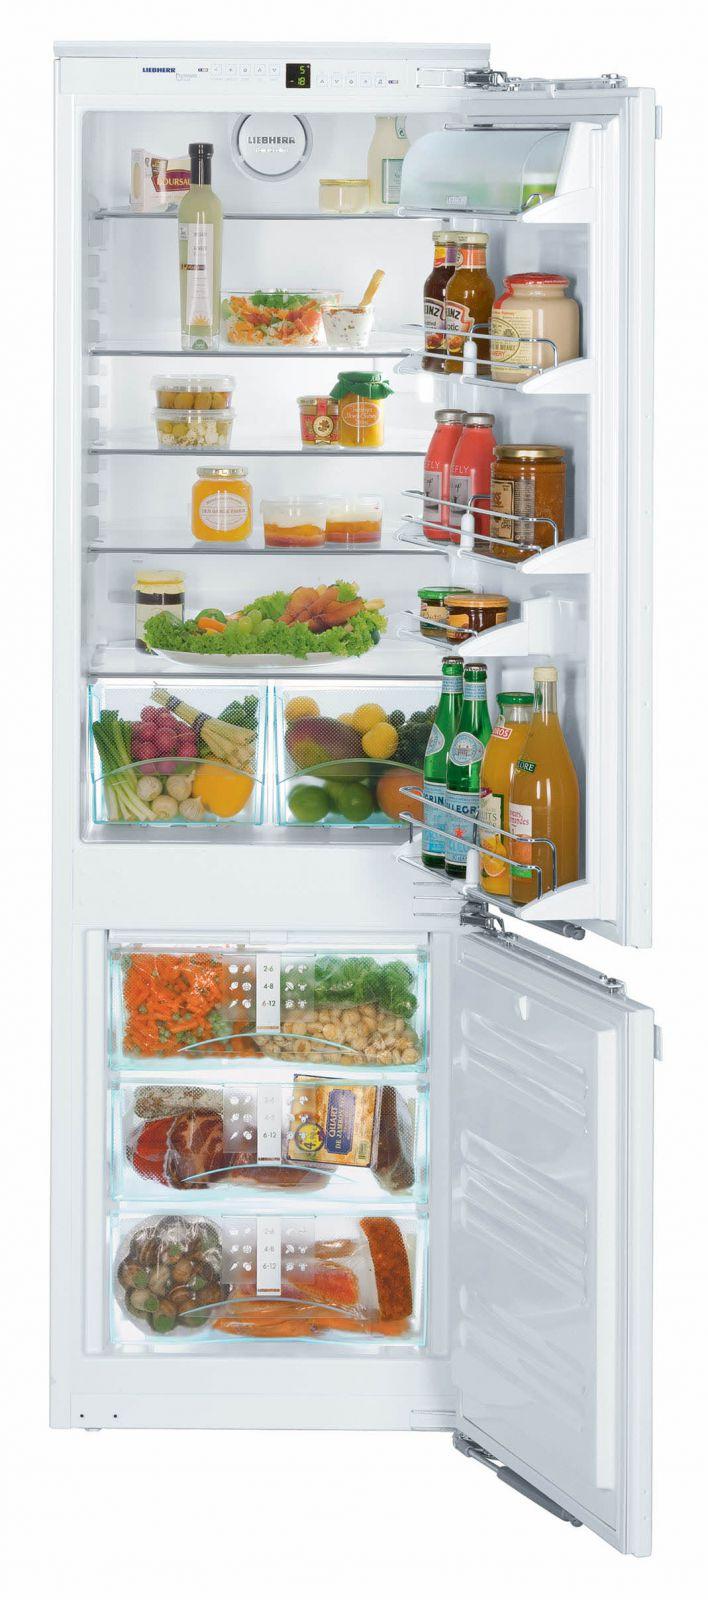 купить Встраиваемый комбинированный двухкамерный холодильник Liebherr ICN 3056 Украина фото 0